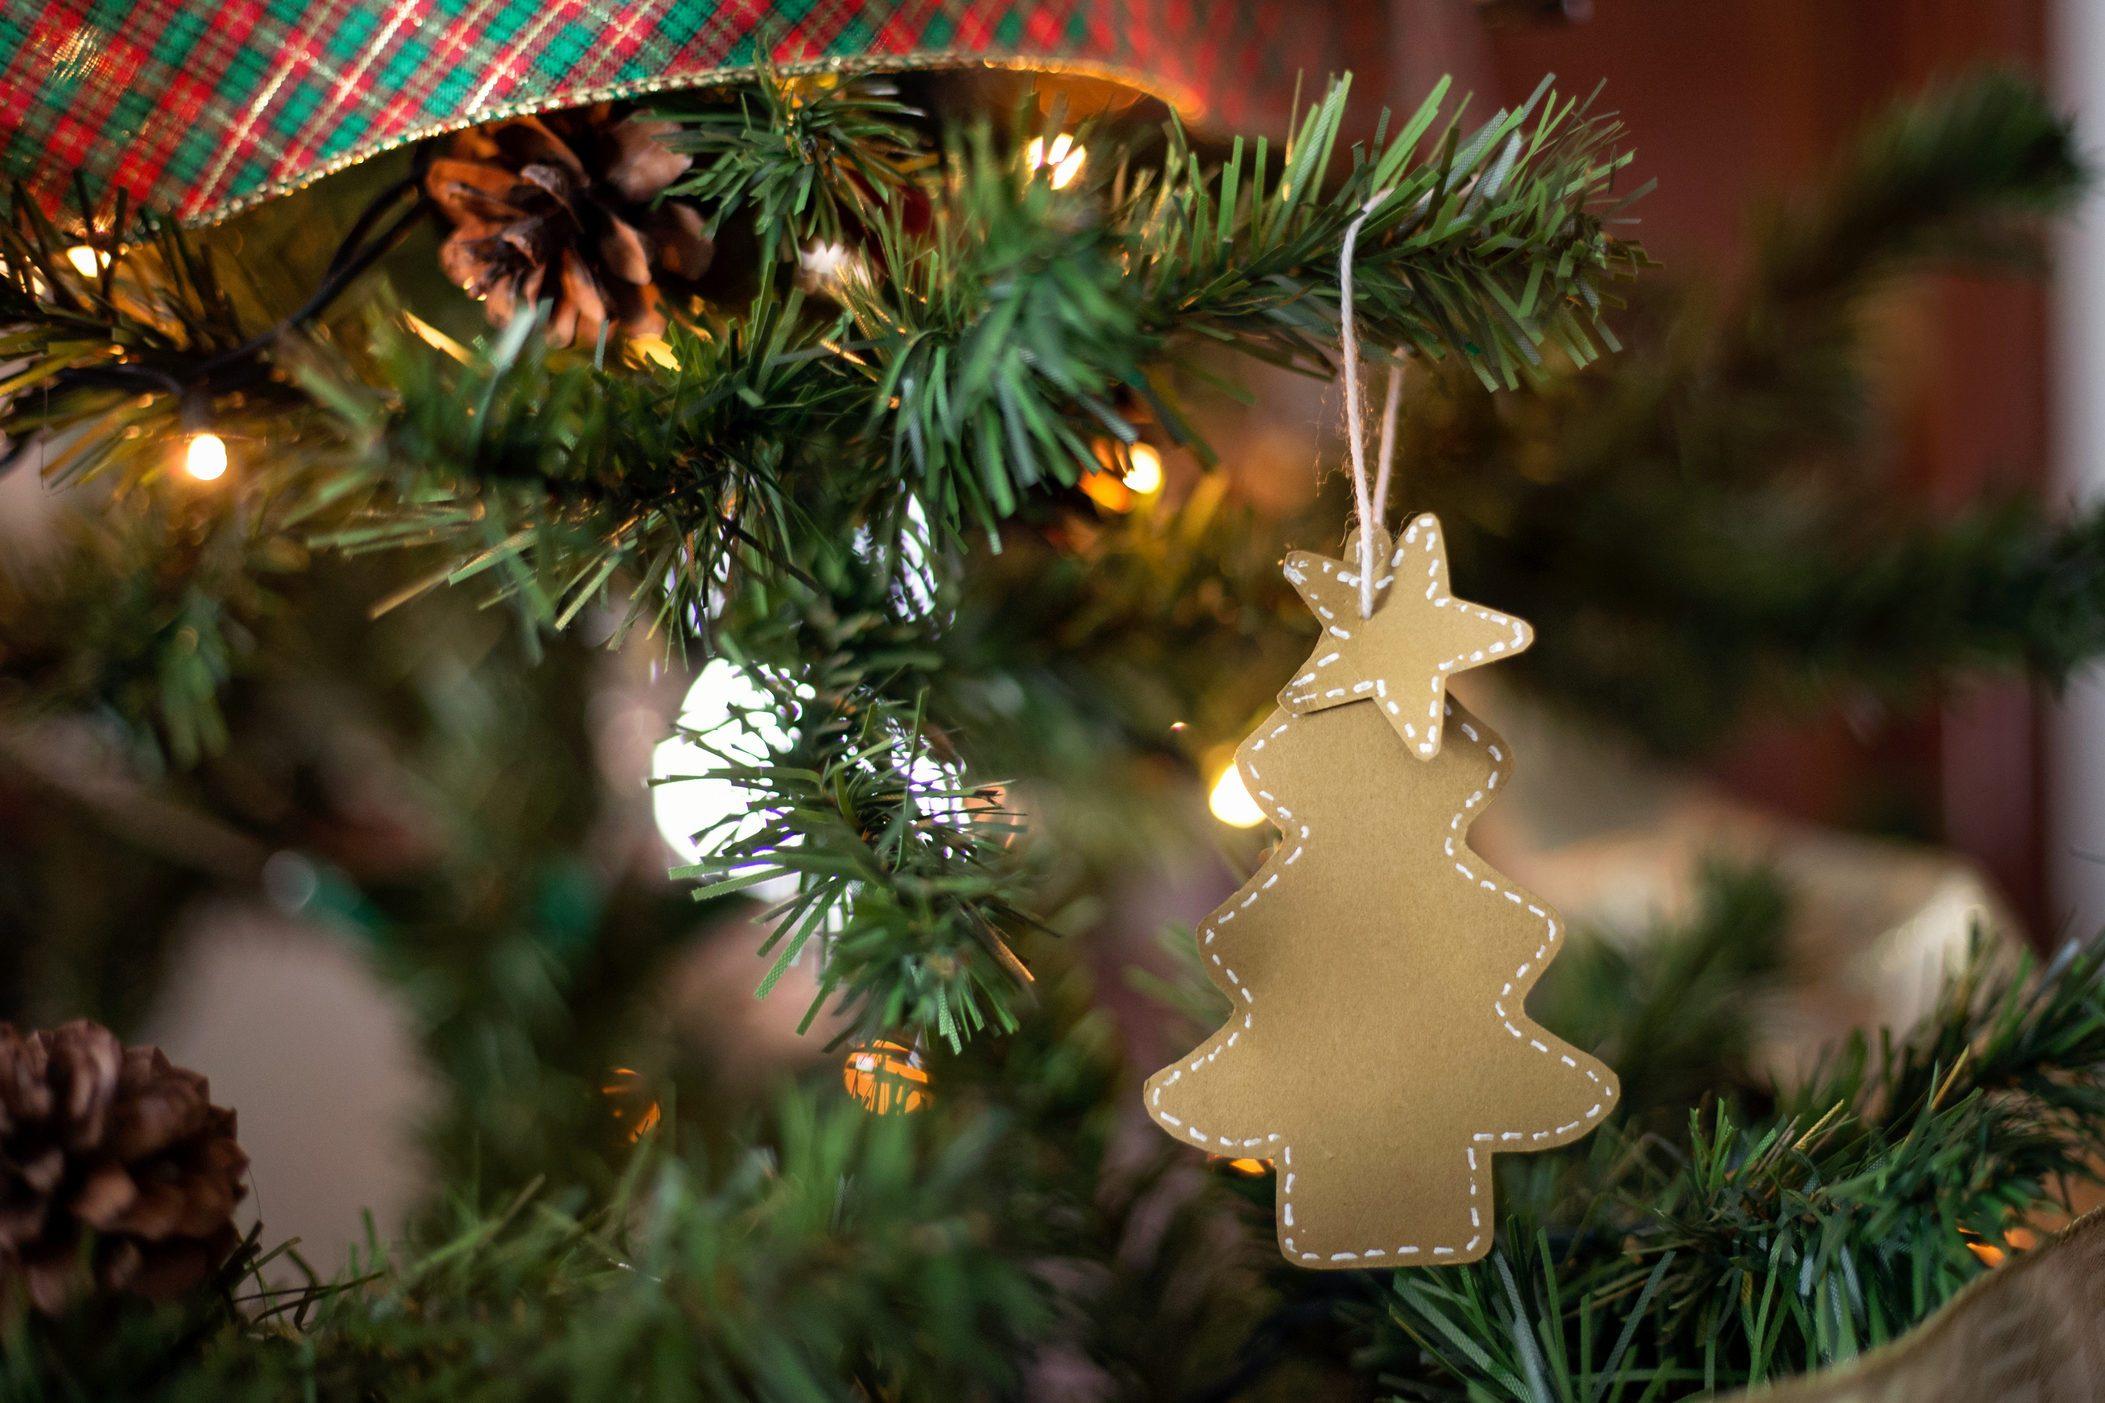 Handmade Christmas ornament hanging on the Christmas tree